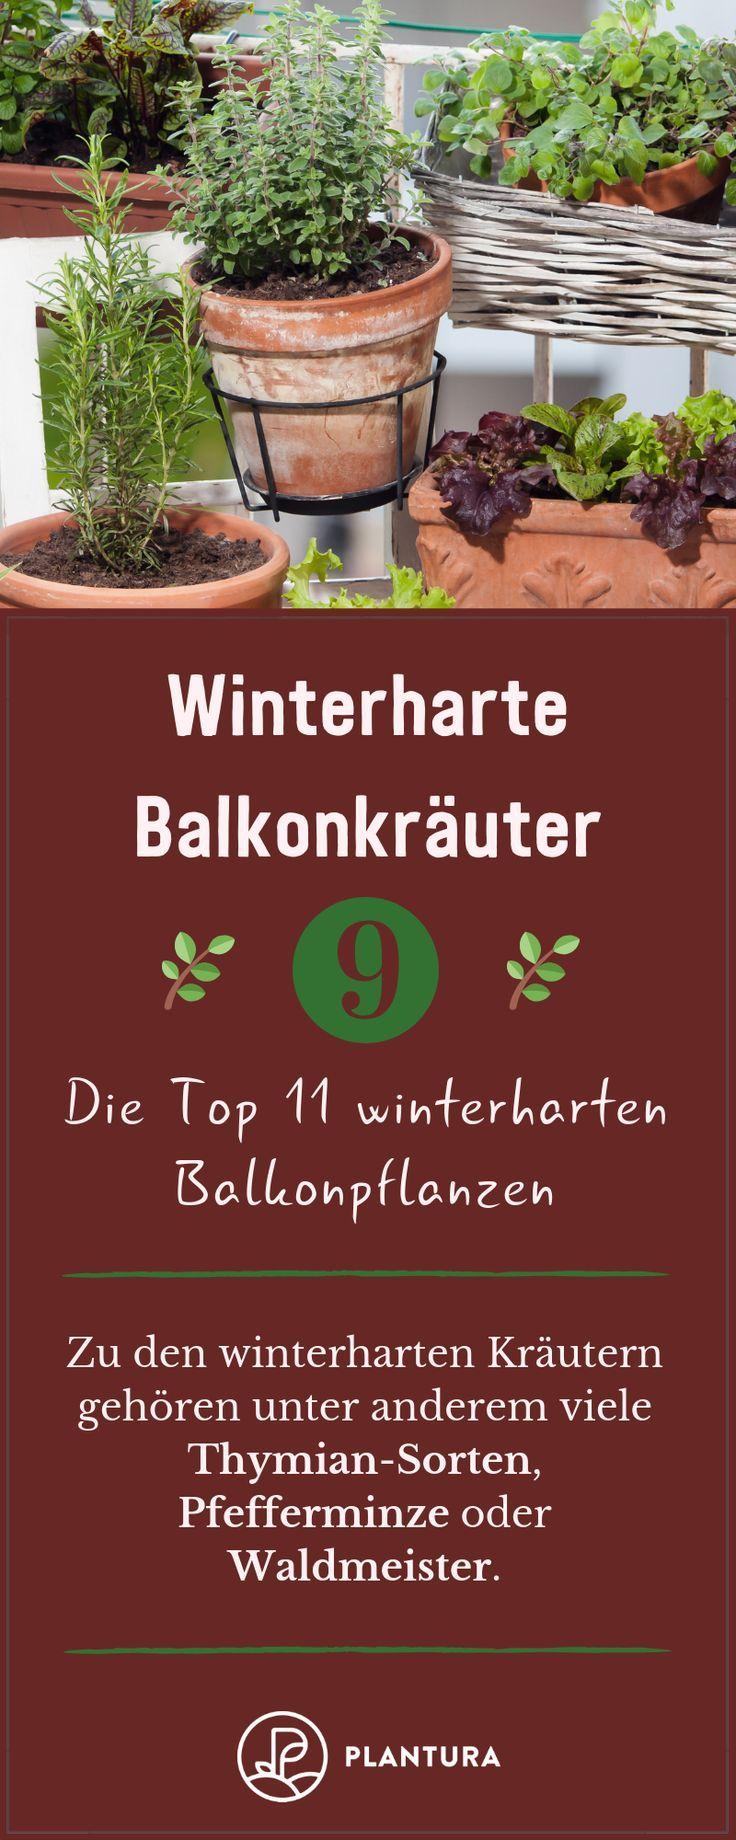 Winterharte Balkonpflanzen: Die Top 11 für Ihren Balkon #herbsgarden